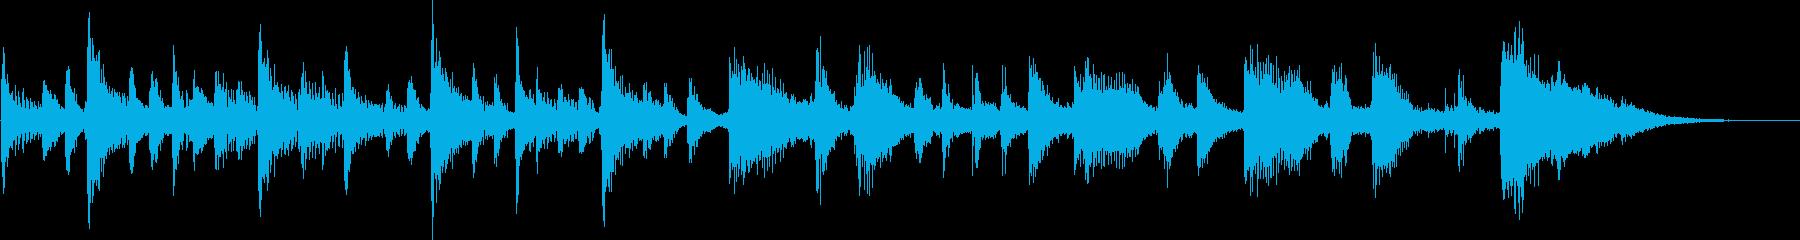 ホットブラジルサニーとスピリットブ...の再生済みの波形